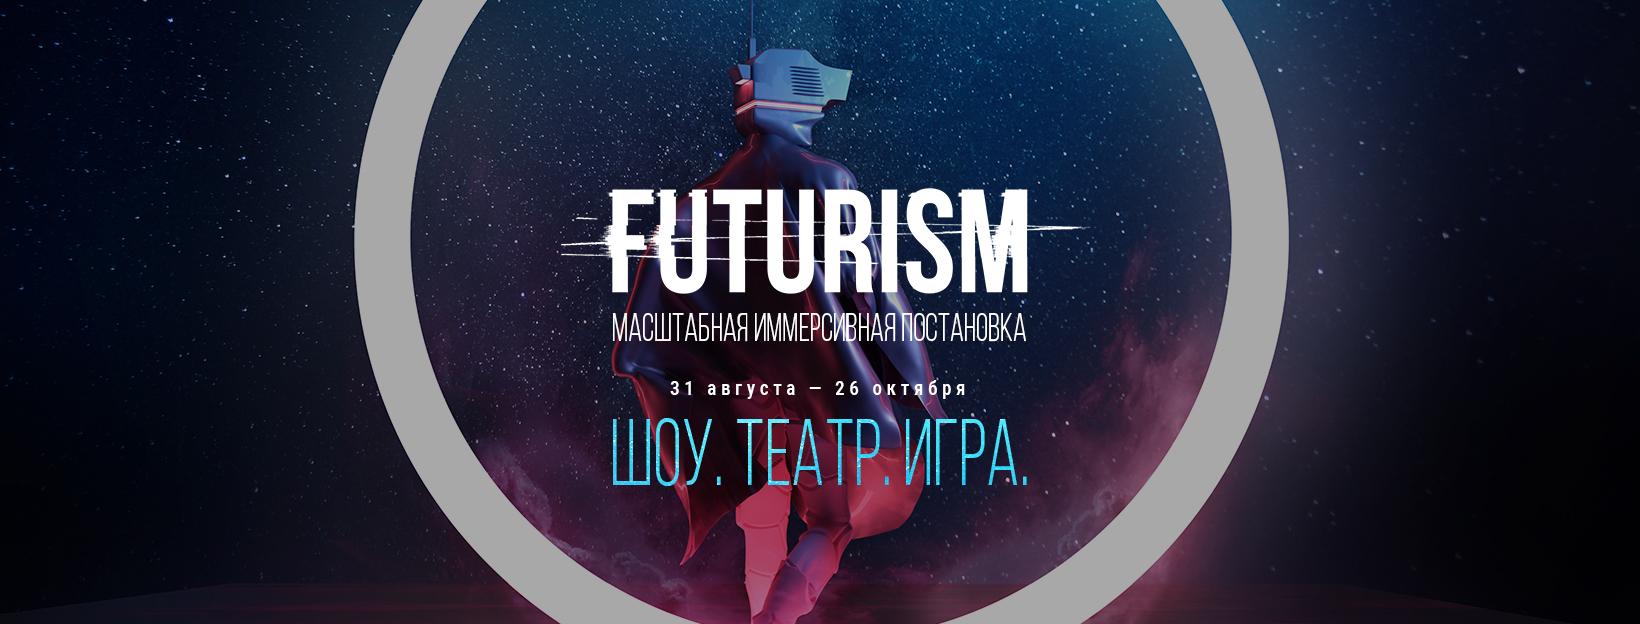 Иммерсивная постановка «Futurism»